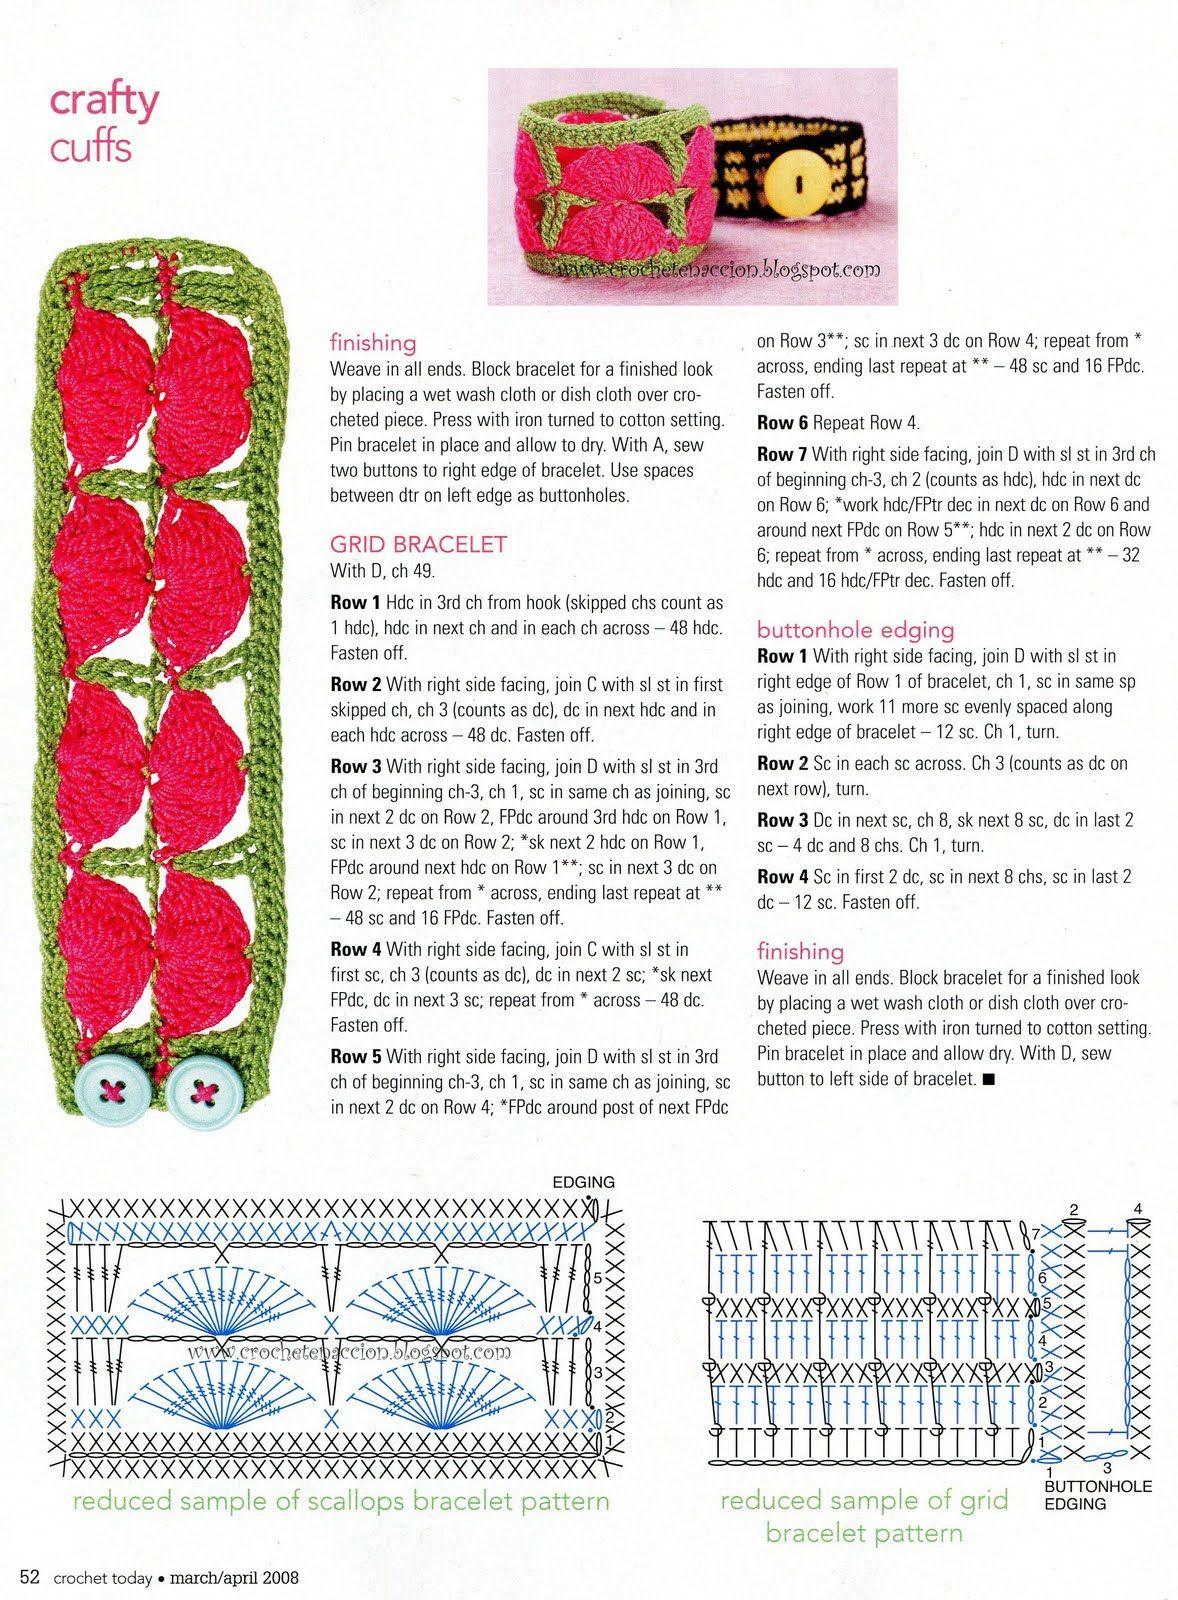 4 Awesome patrones de pulseras tejidas a crochet images | amigurumi ...